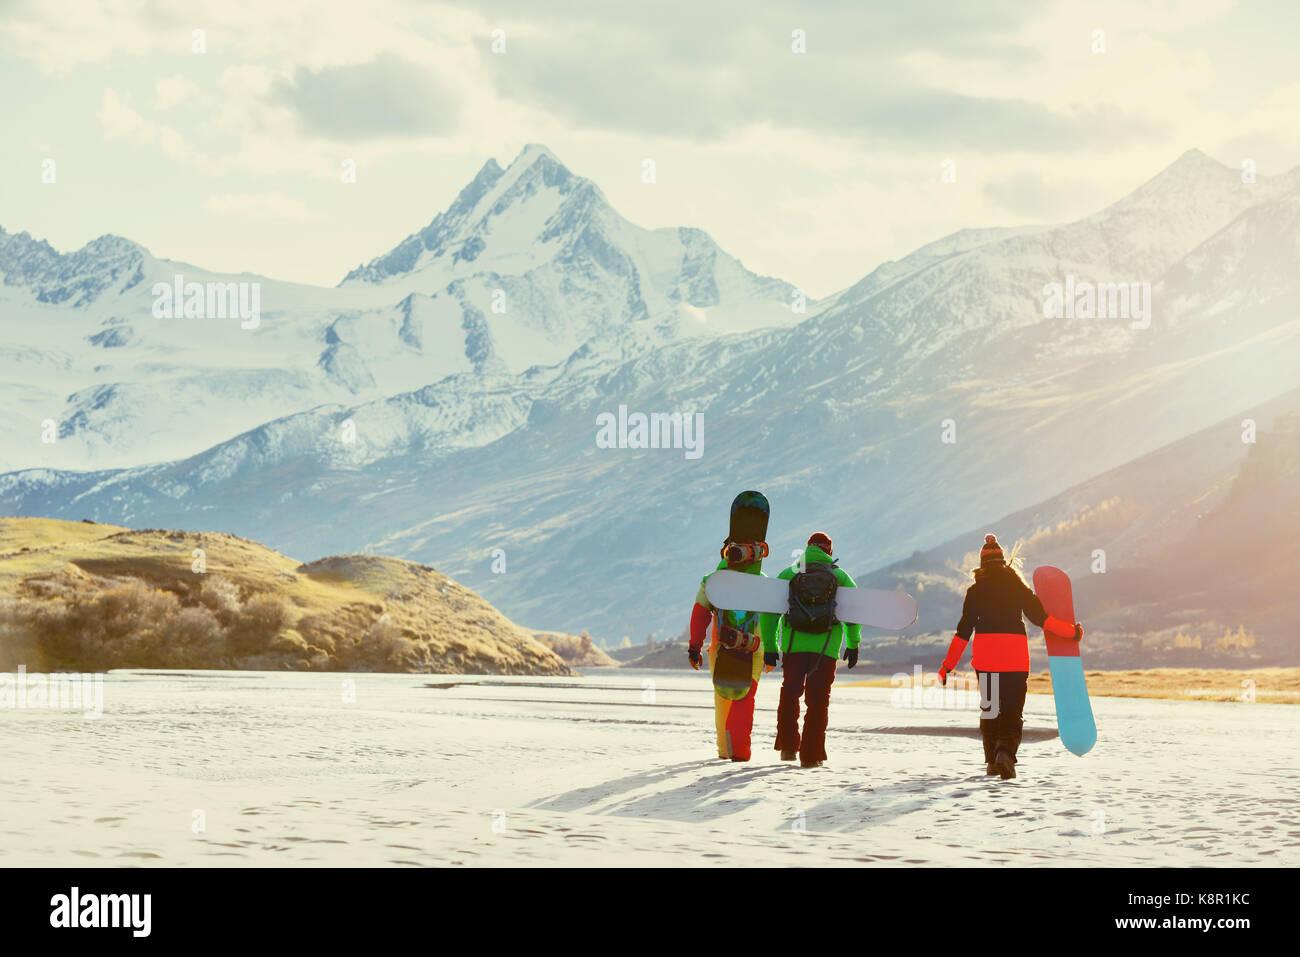 Gruppo amici ski snowboarder concept Immagini Stock